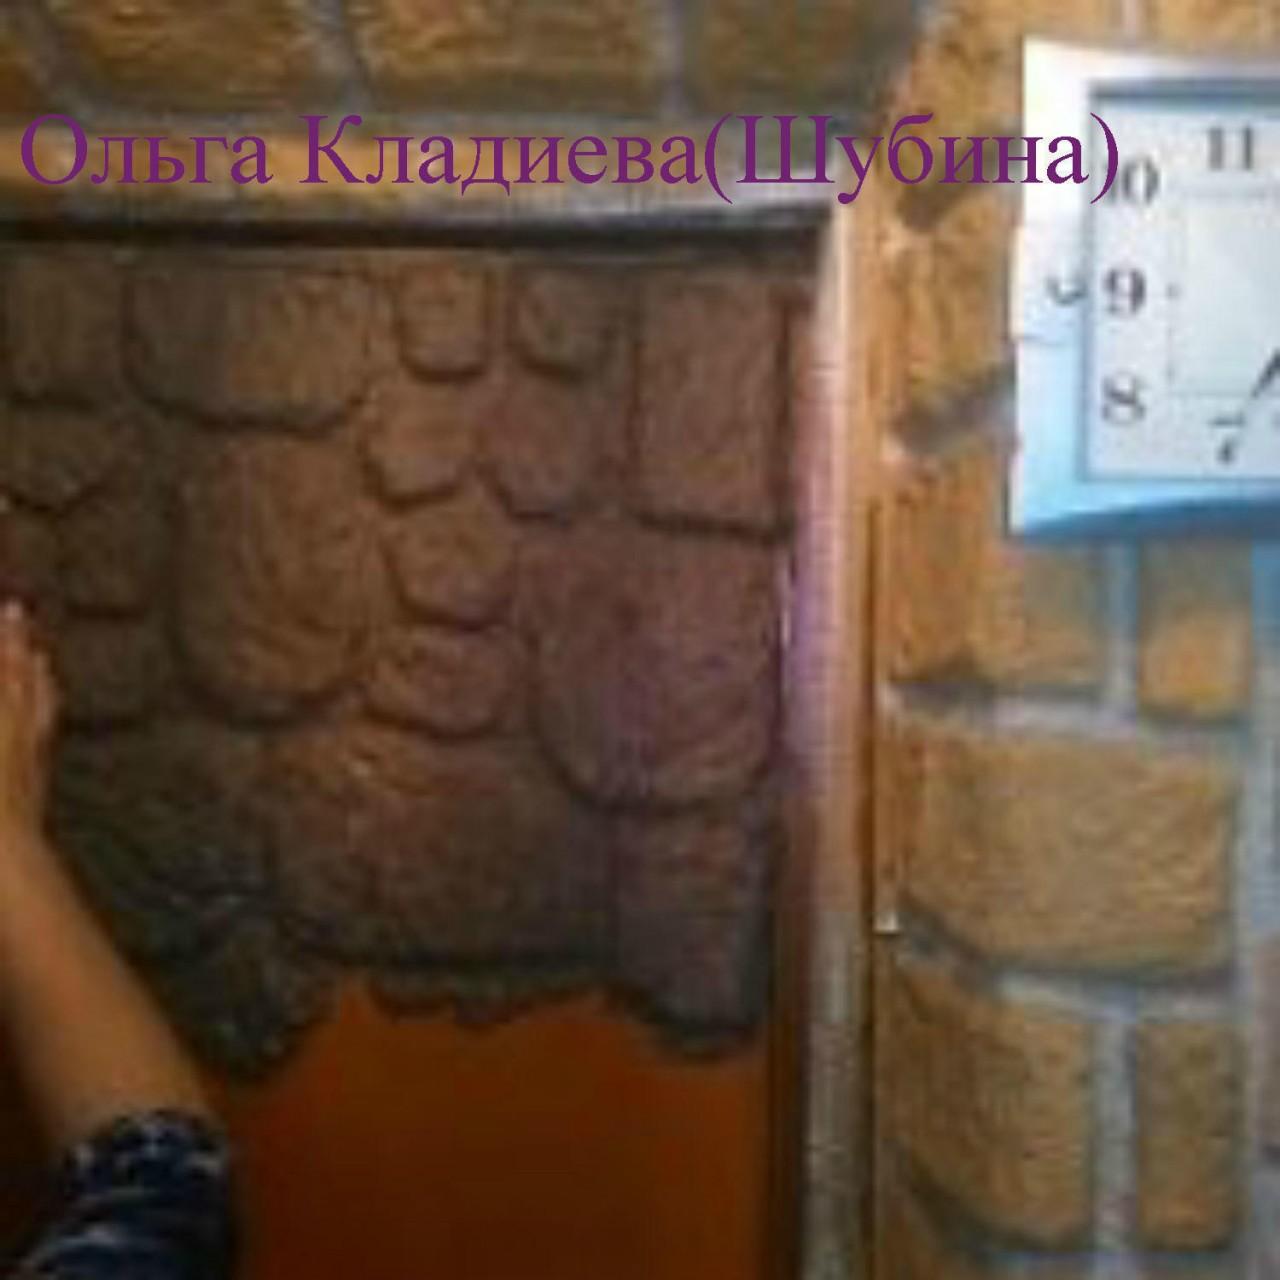 Имитация декоративного камня из яичных лотков. Обсуждение на 5